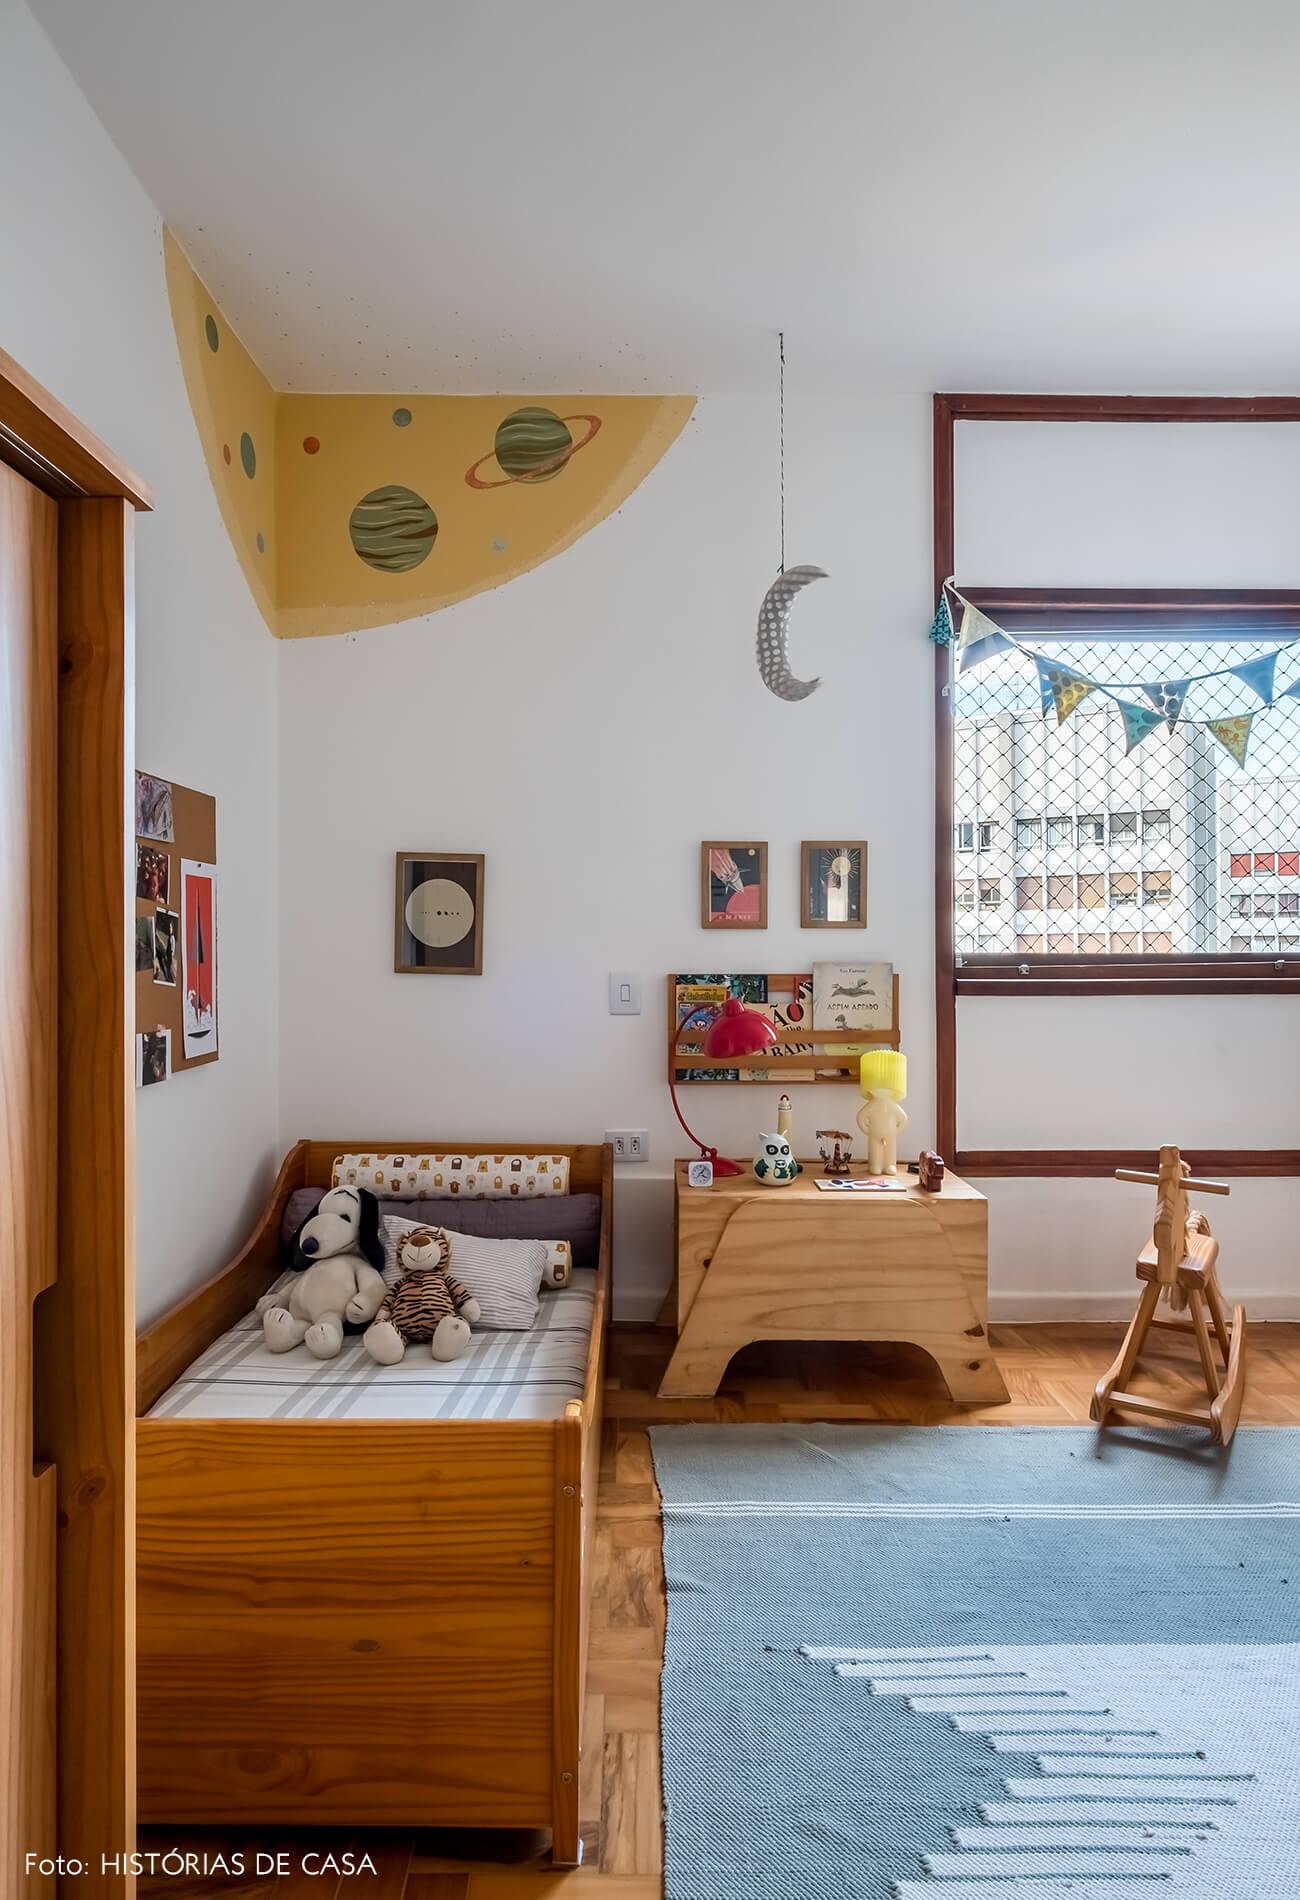 Quarto de criança com móveis de madeira e pintura na parede